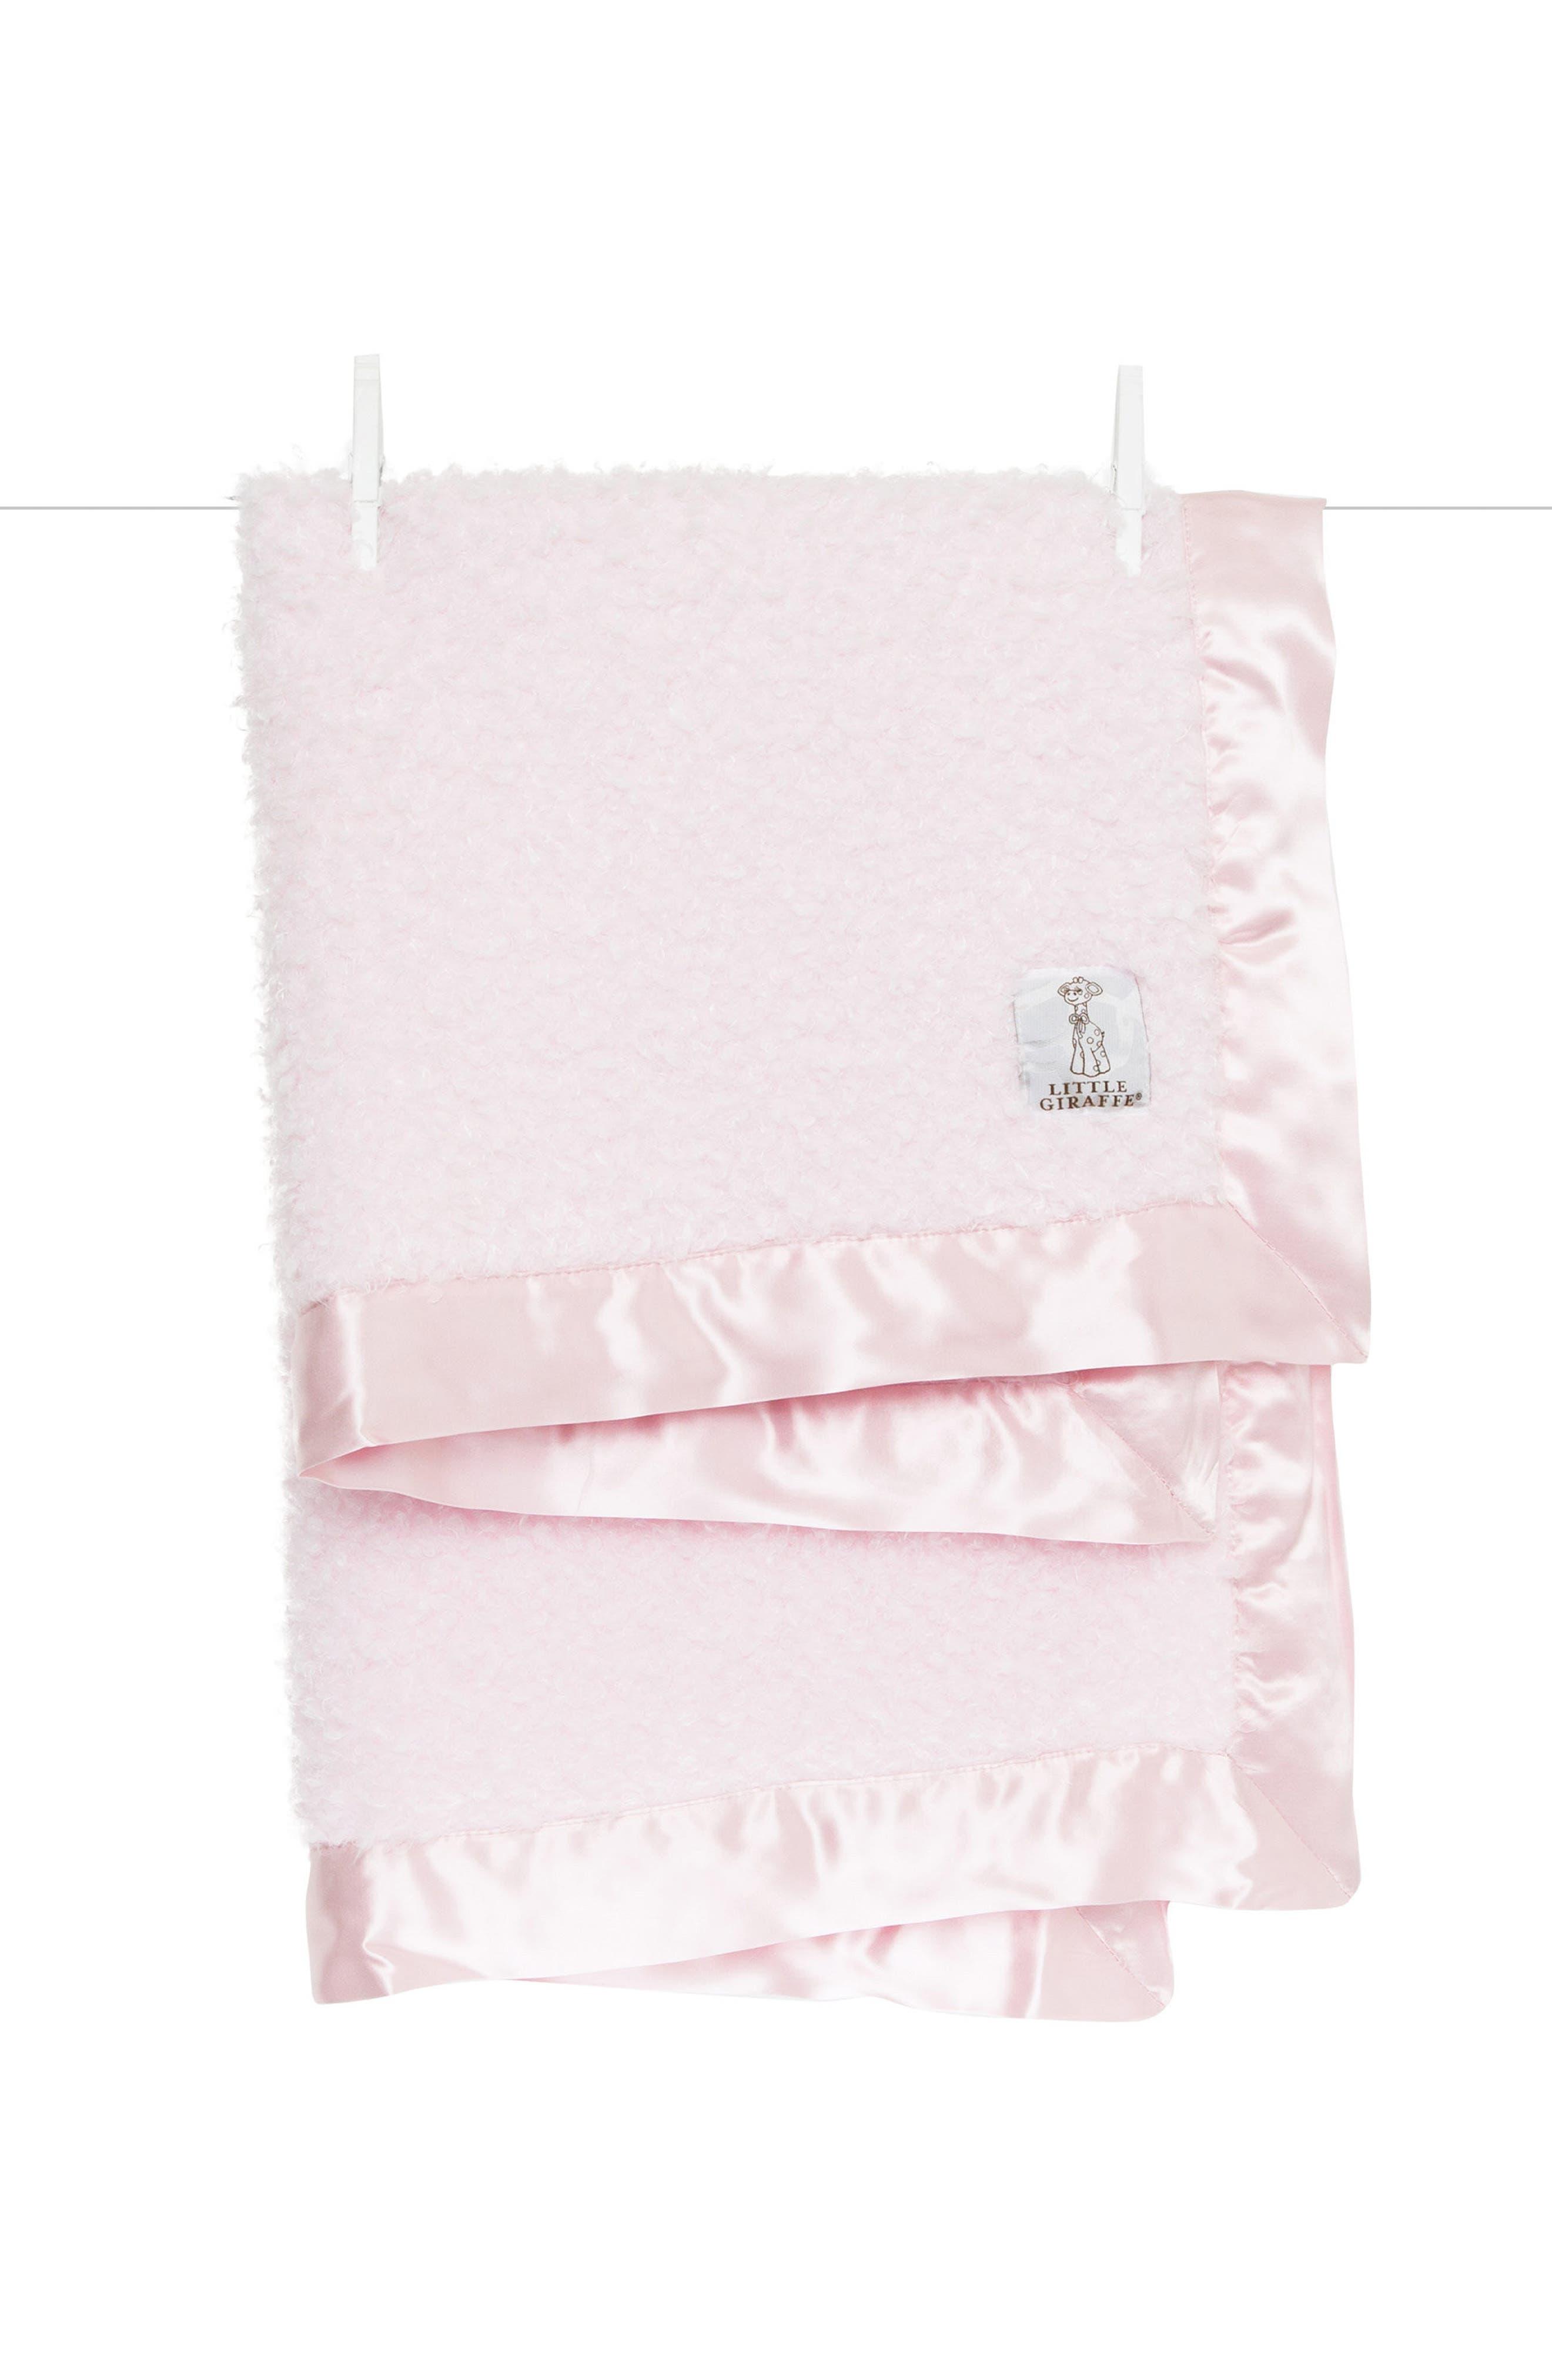 Bouclé Blanket,                         Main,                         color, Pink